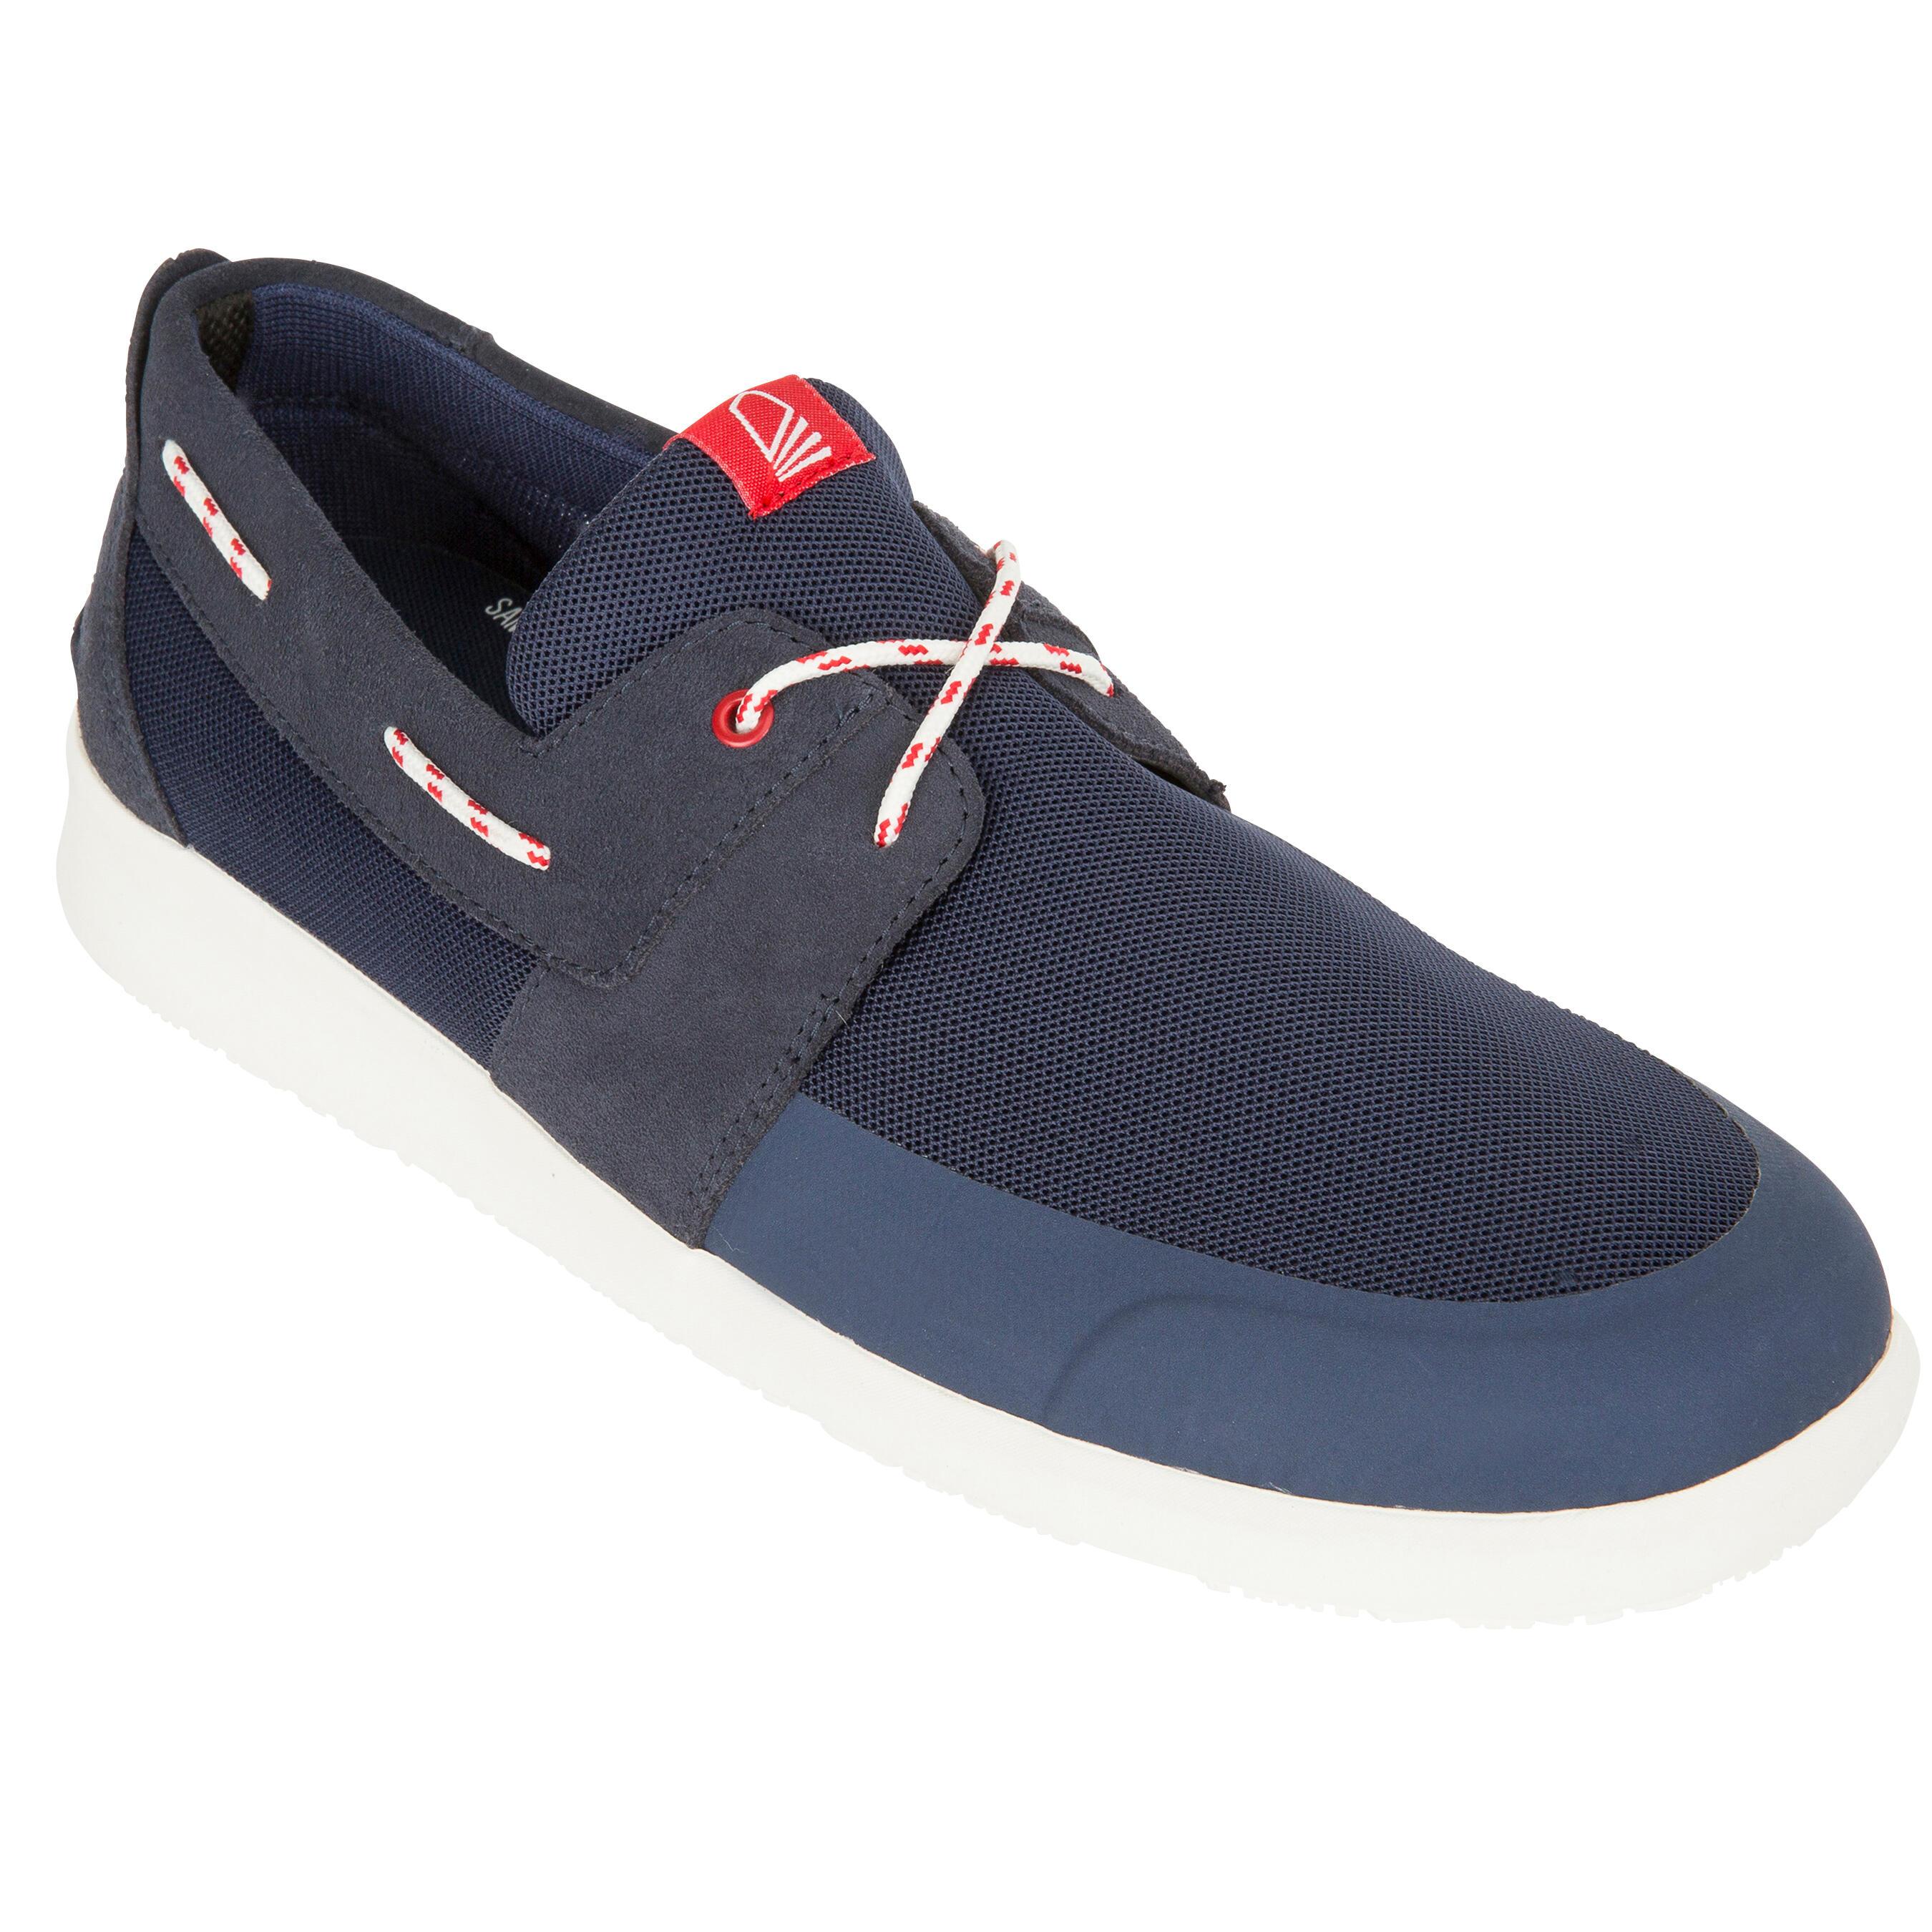 8563c2ede Comprar Zapatos Náuticos de hombre online | Decathlon